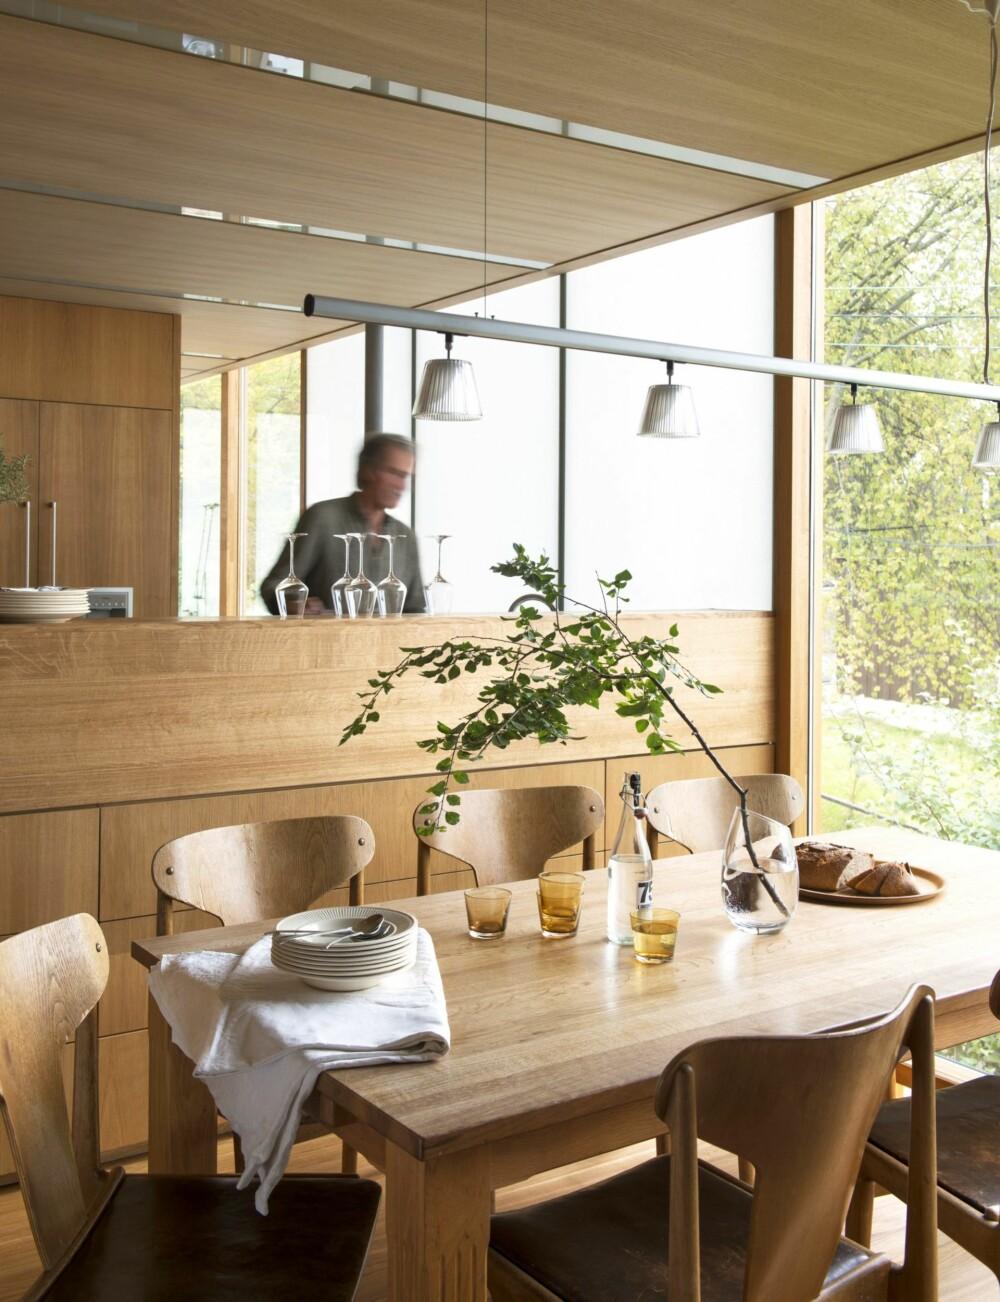 ÅPENT ROM: Kjøkkenet har åpen forbindelse til spisesonen, samtidig som den opphøyde barløsningen gjør at alt rot forblir skjult. Styling: Juni Hjartholm.